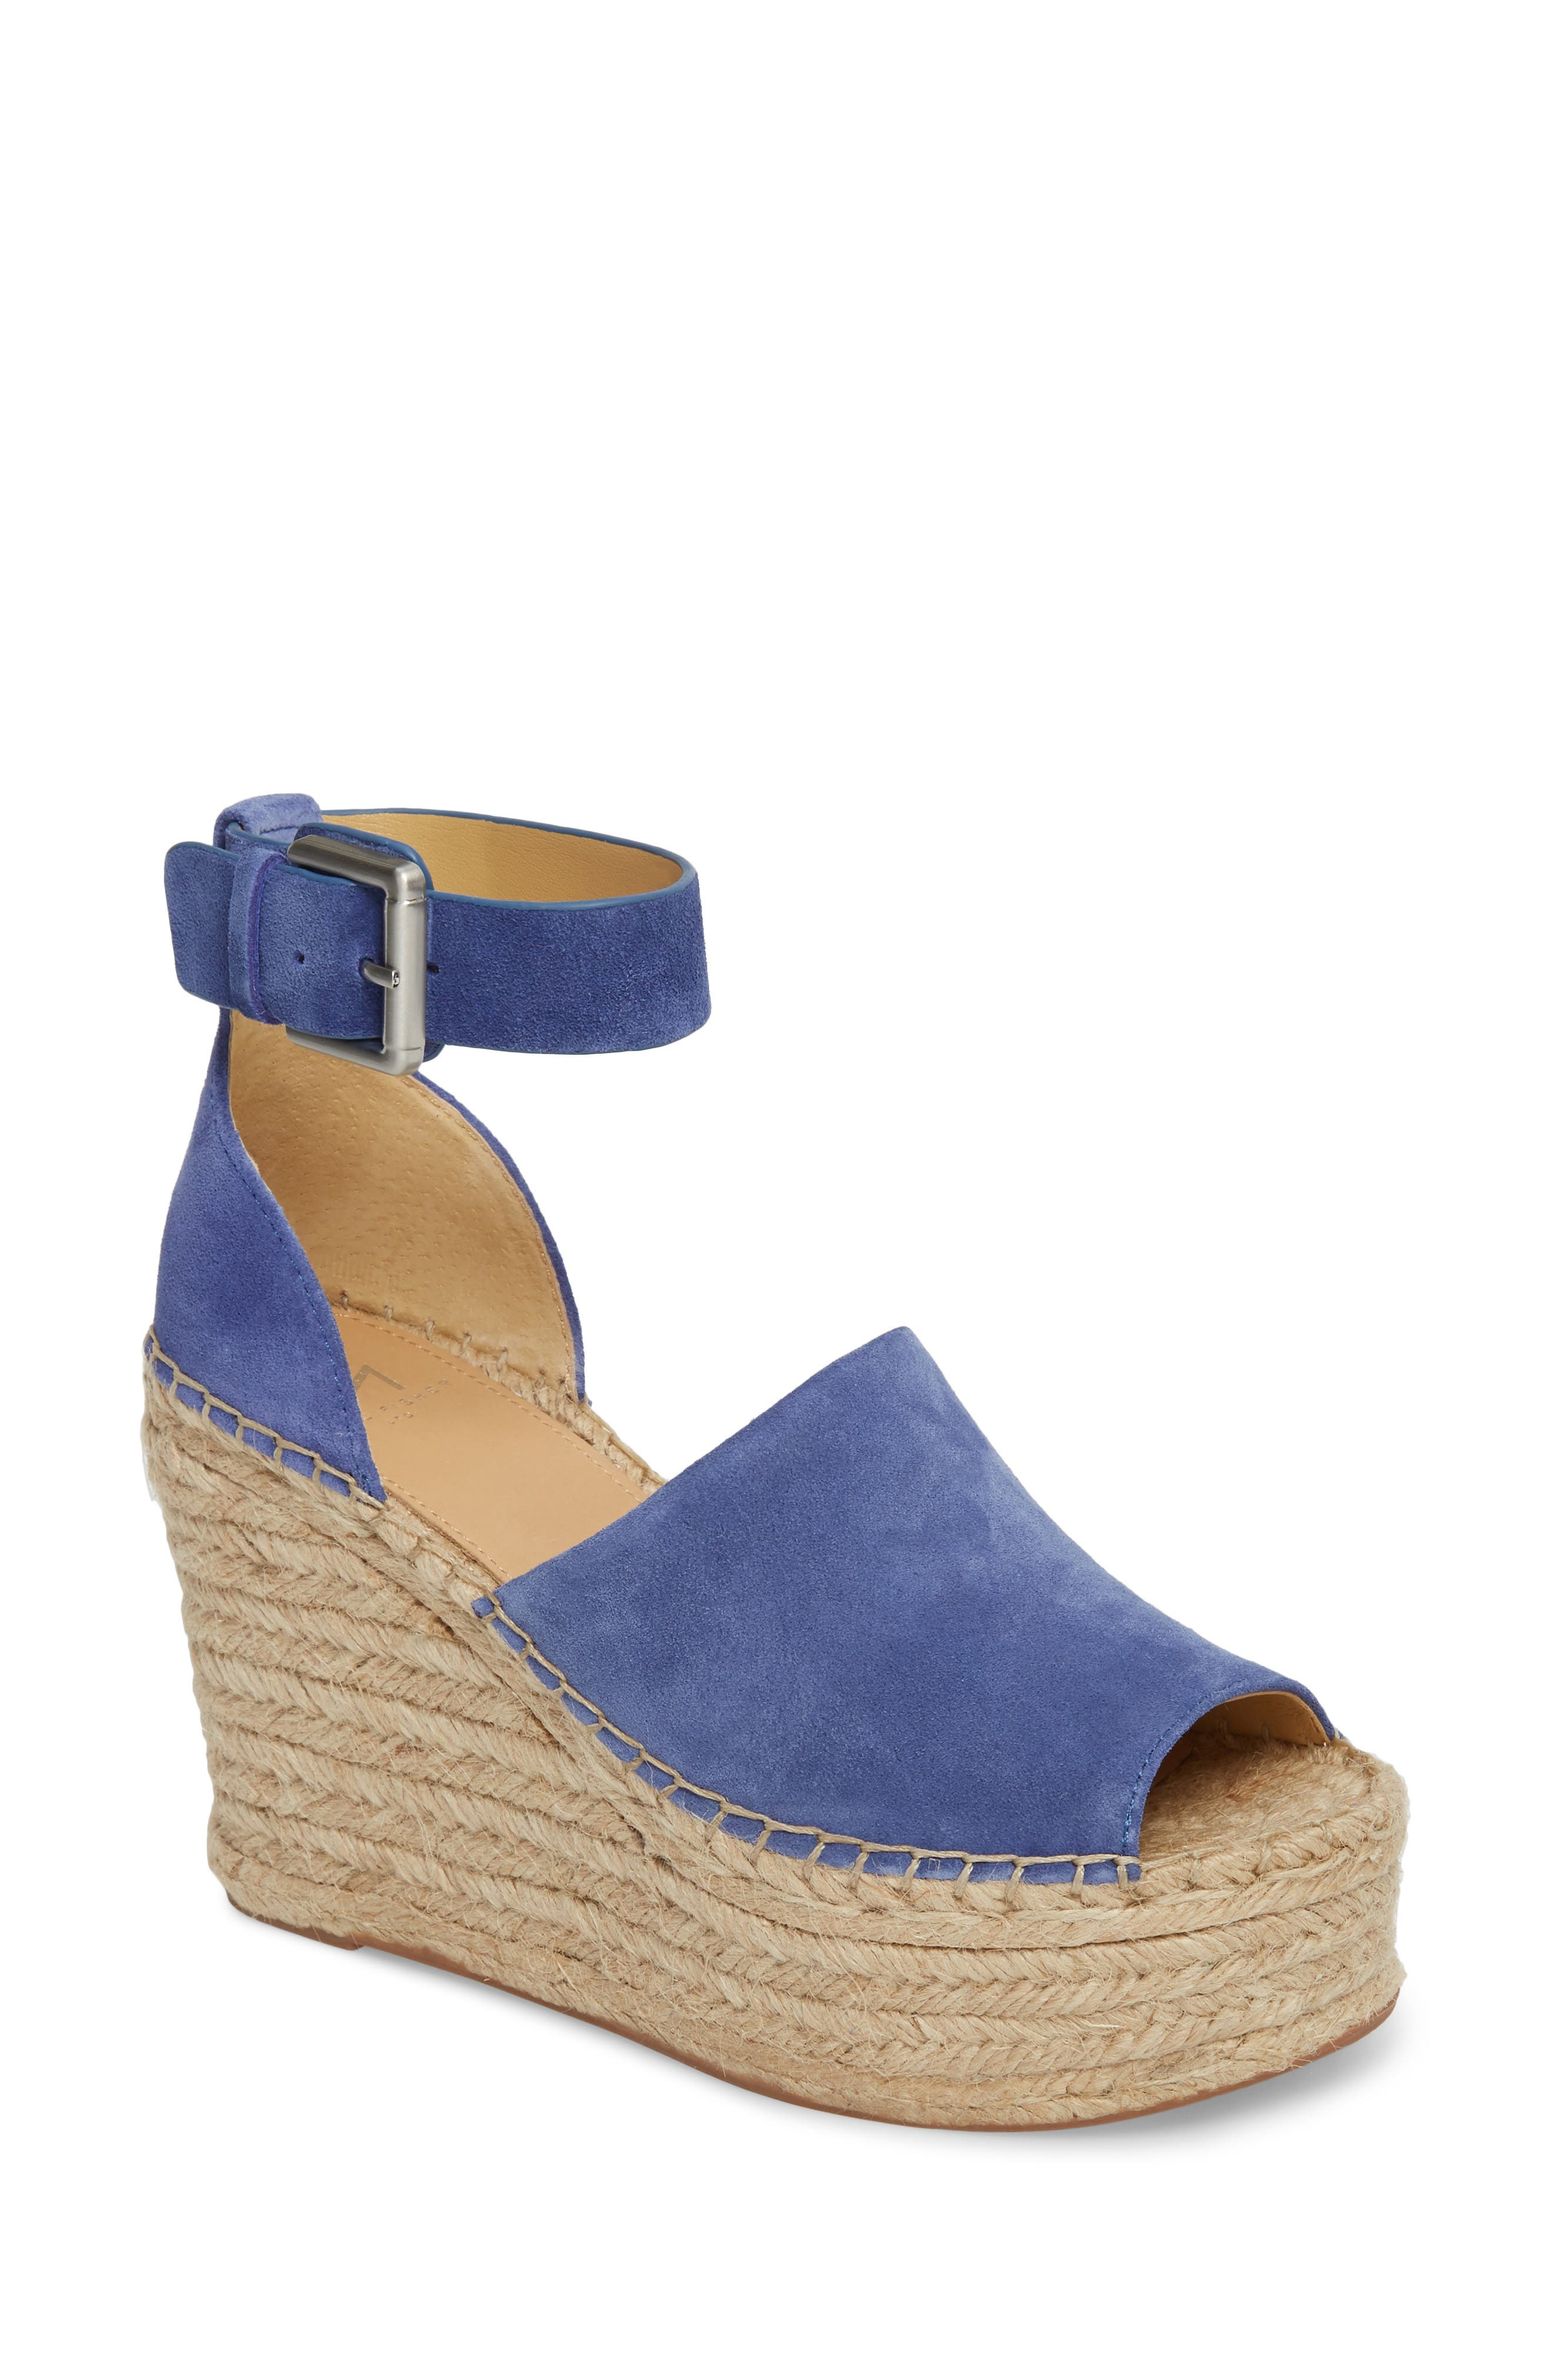 Adalyn Espadrille Wedge Sandal,                         Main,                         color, BLUE SUEDE